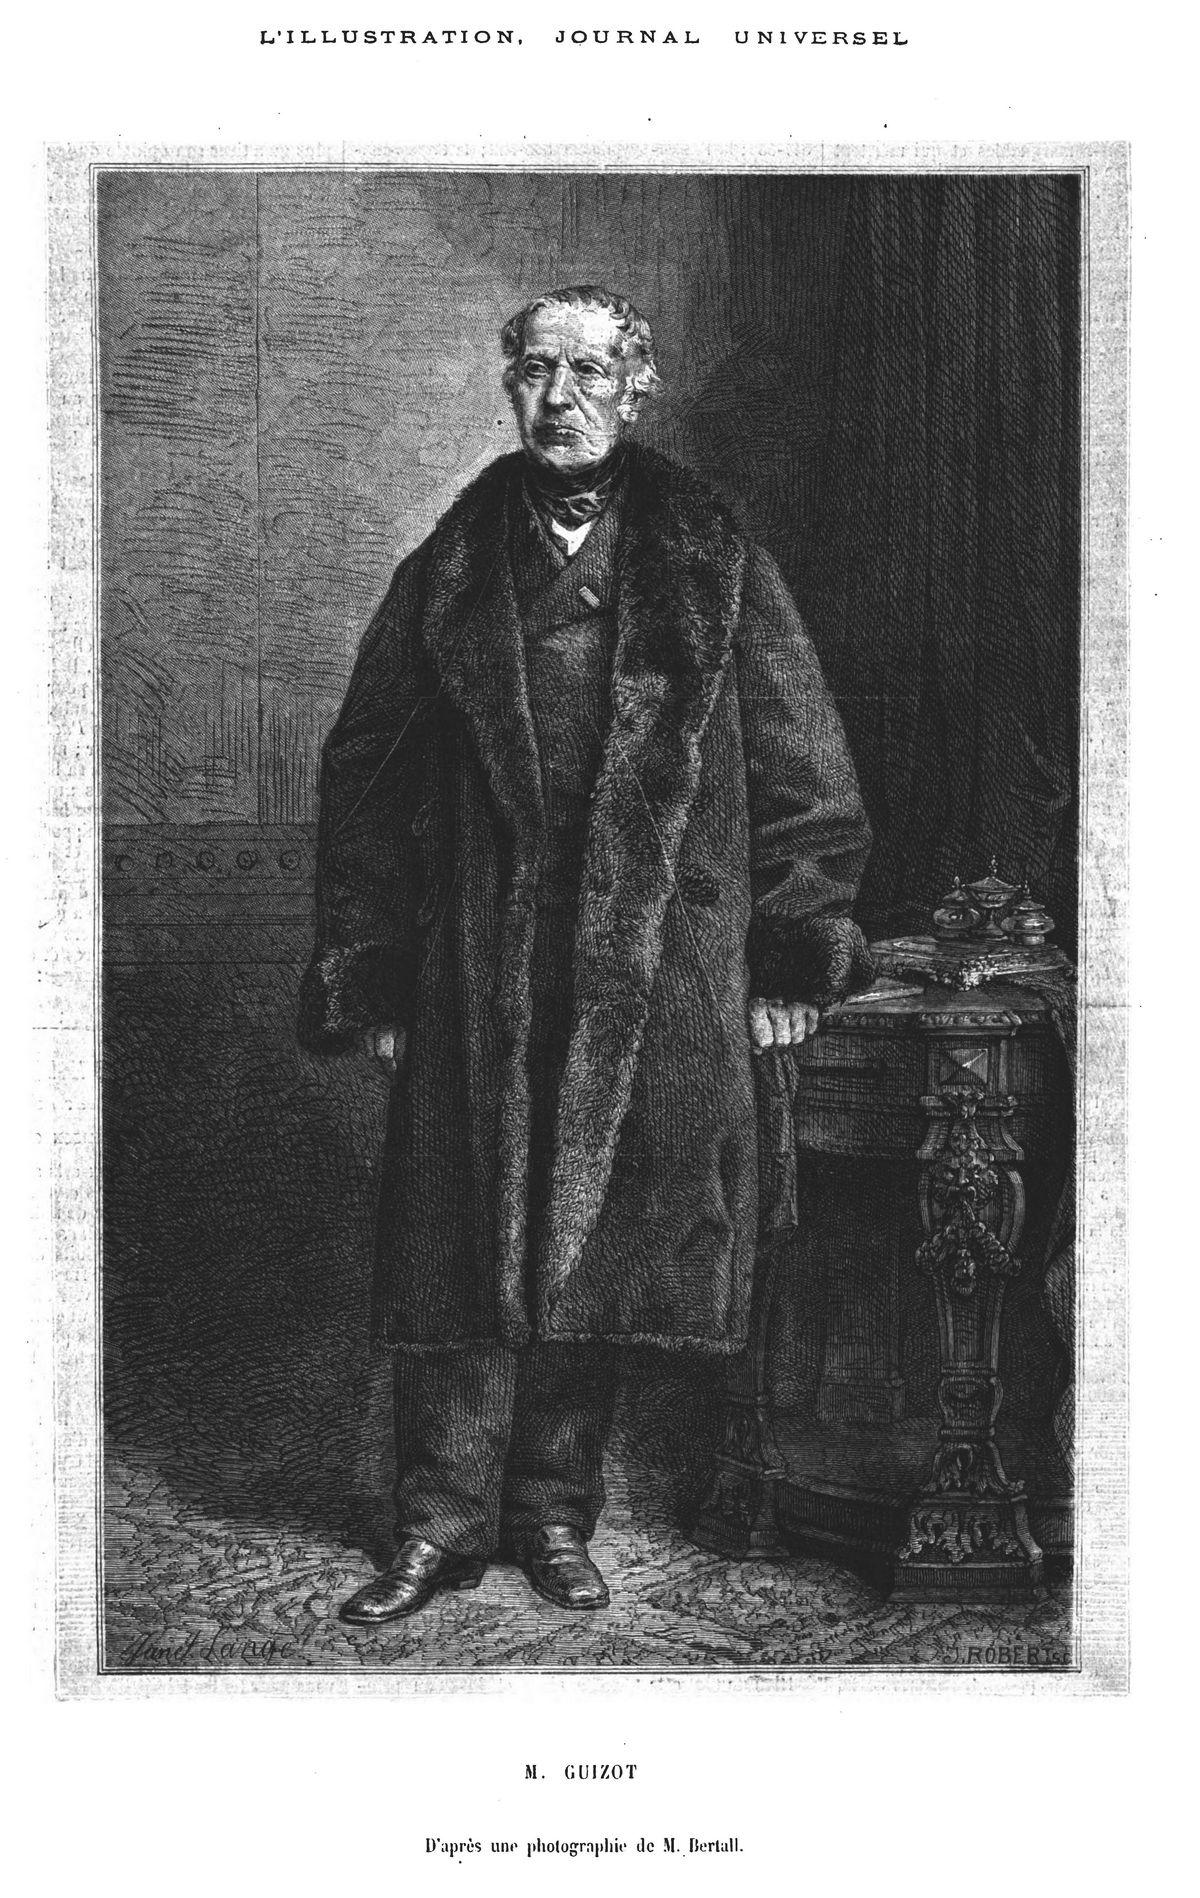 M. Guizot. Gravure 1874